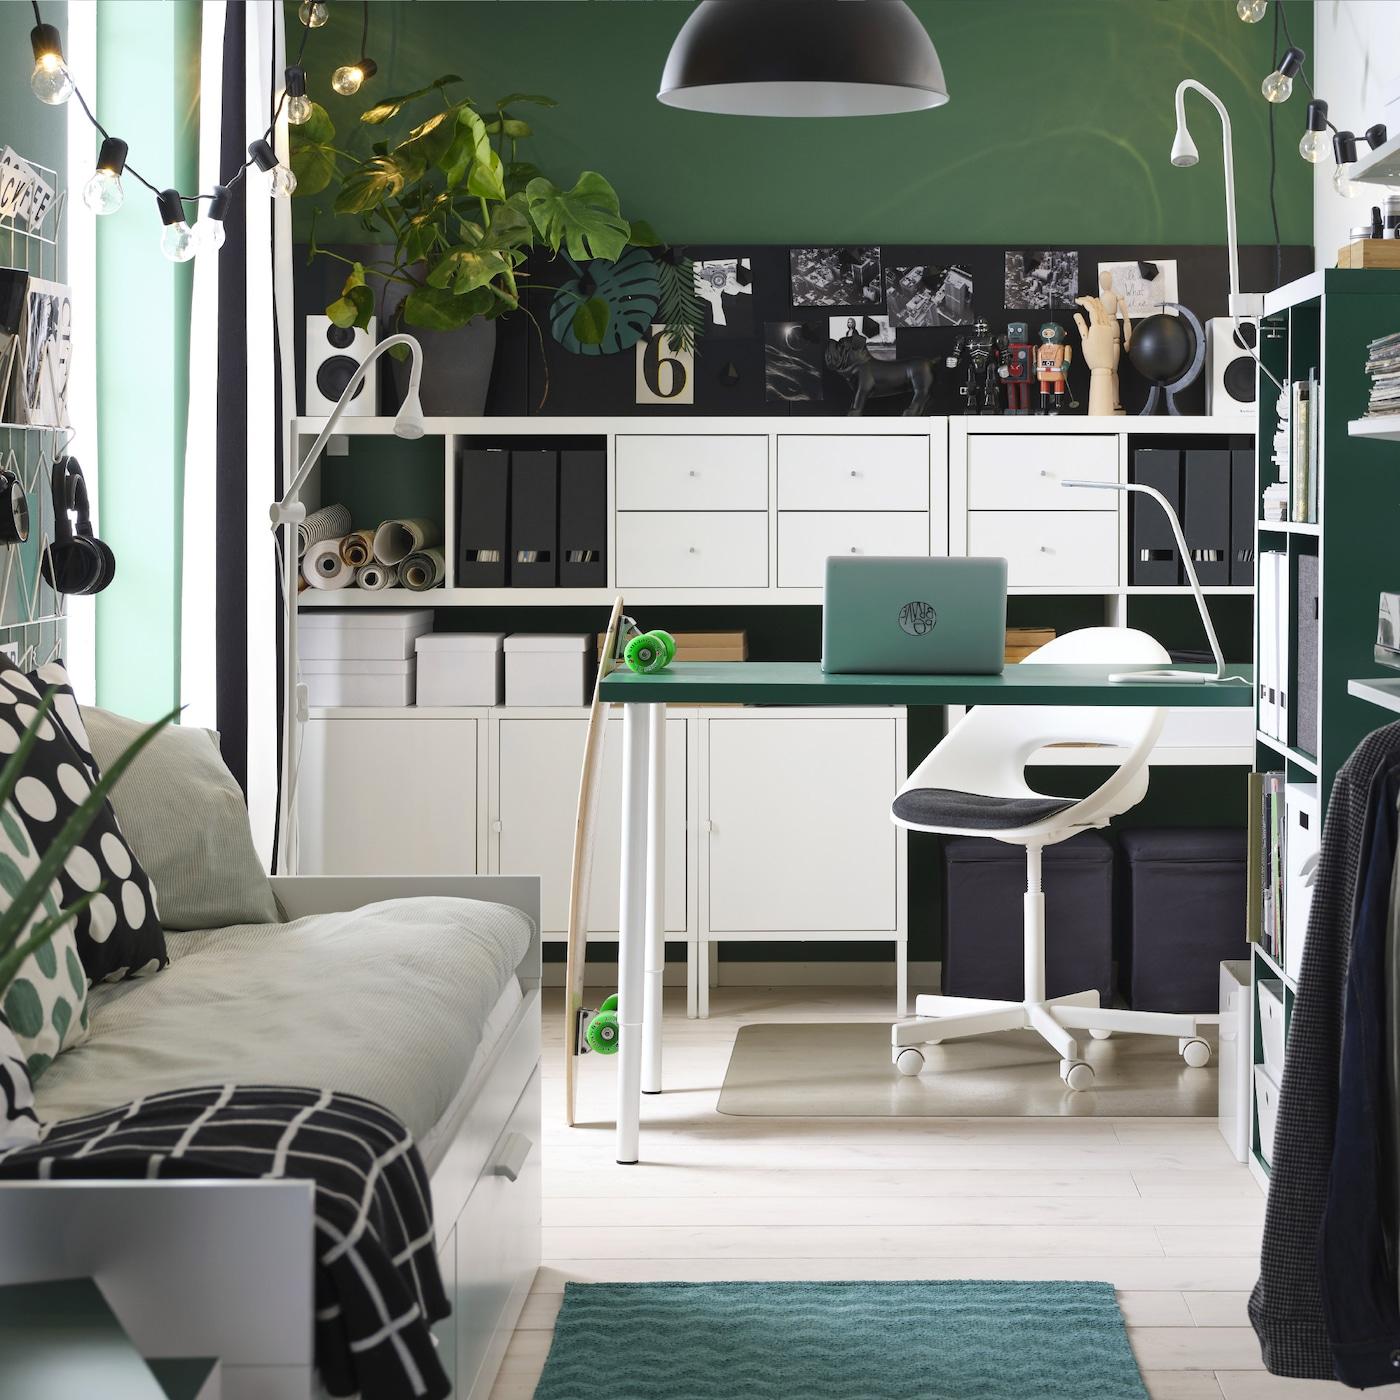 以绿色为基调的小房间里摆放着绿色桌子、白色搁架单元、坐卧两用床、开放式衣柜和黑色吊灯。